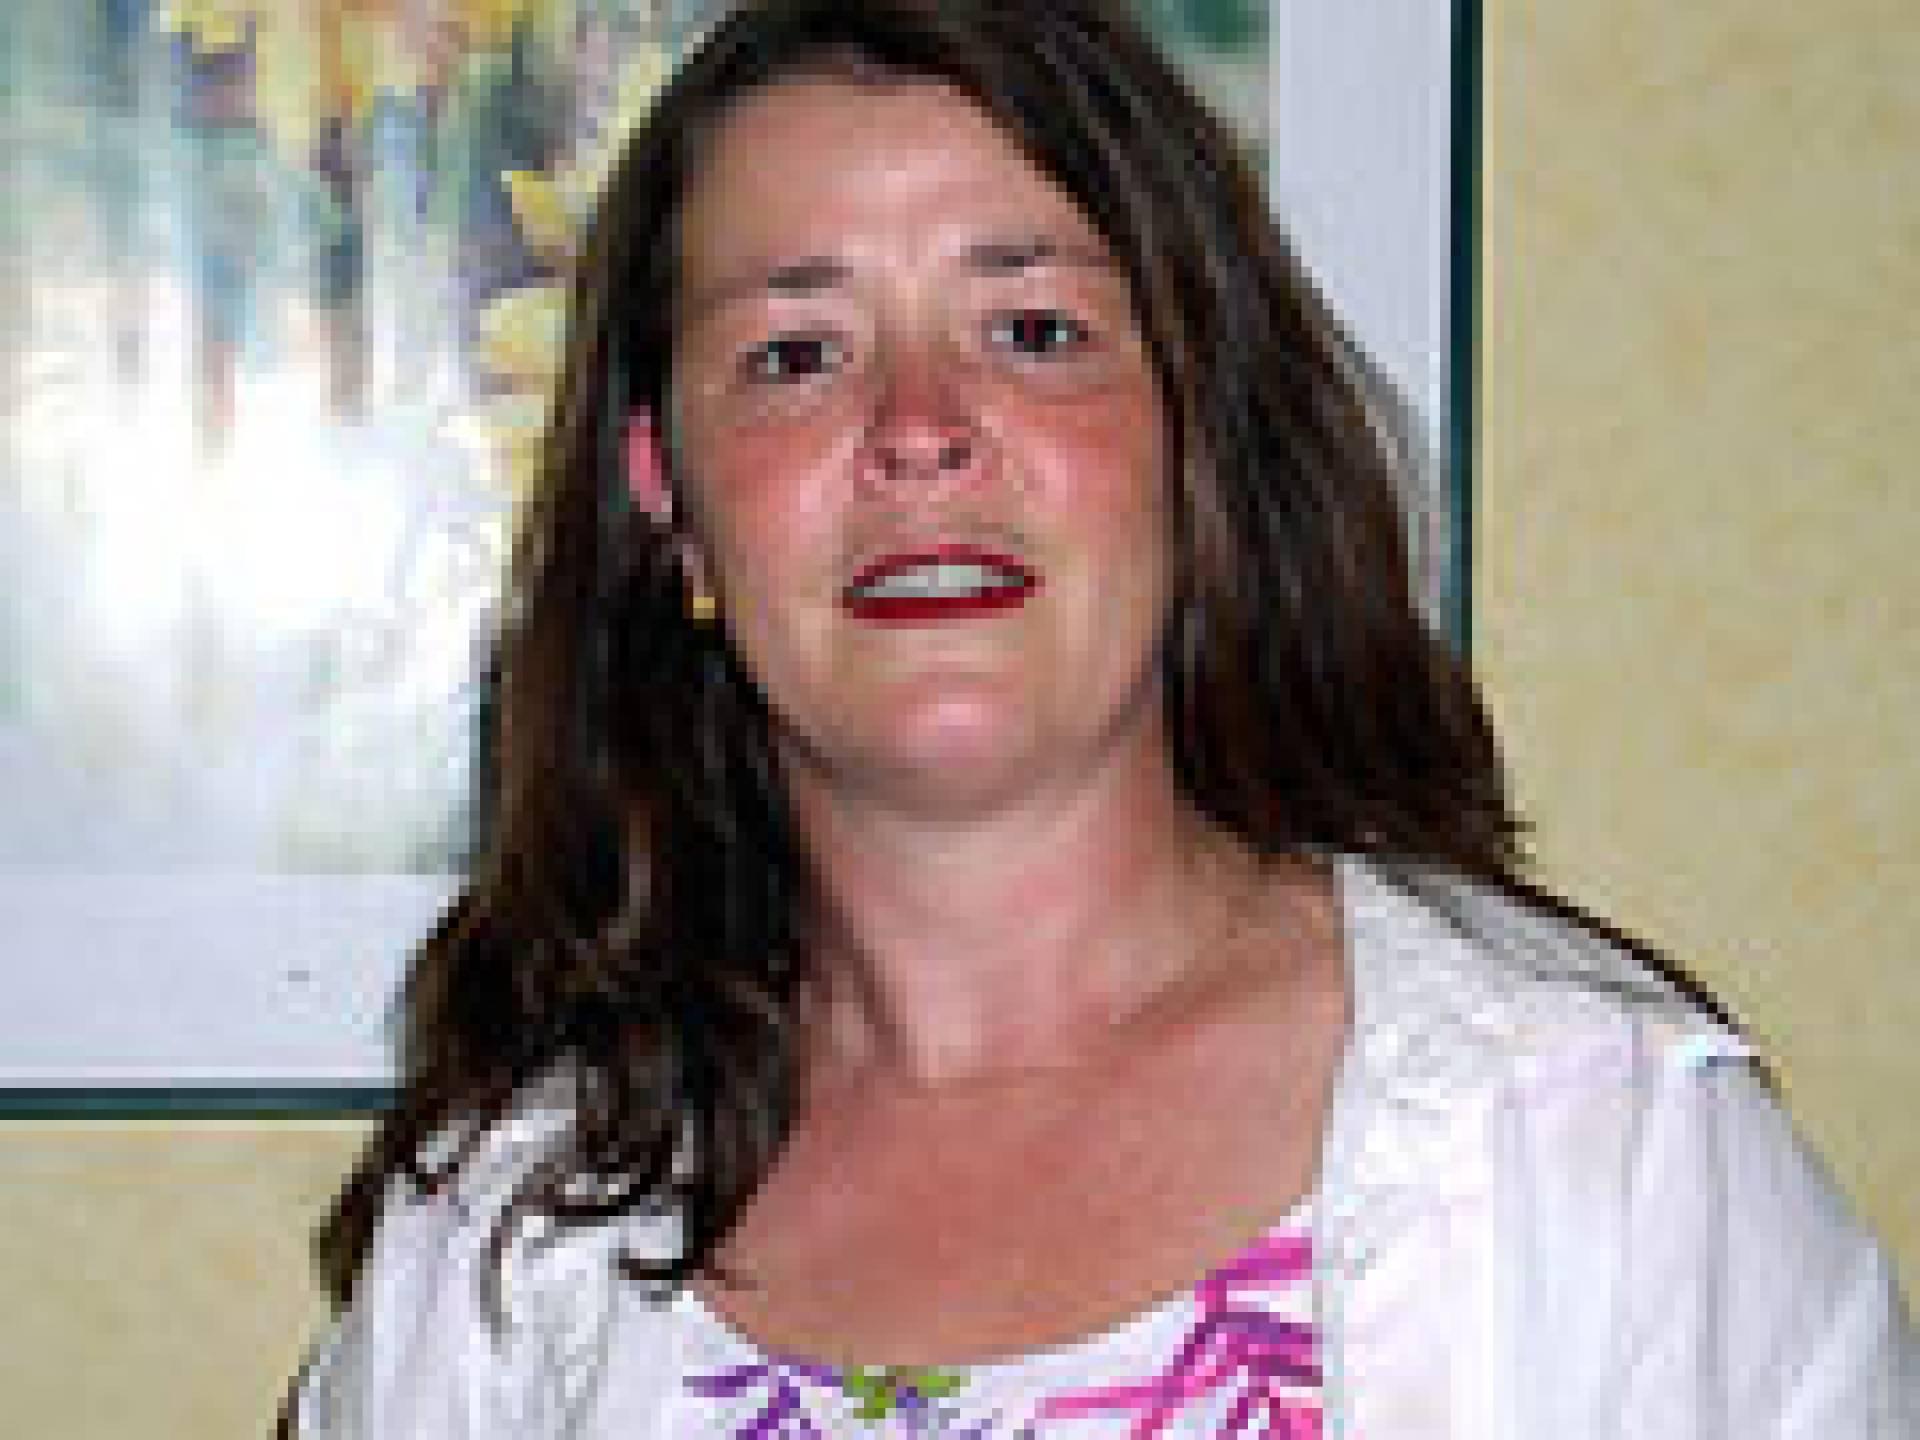 D23911 - Brigitte Hölscher